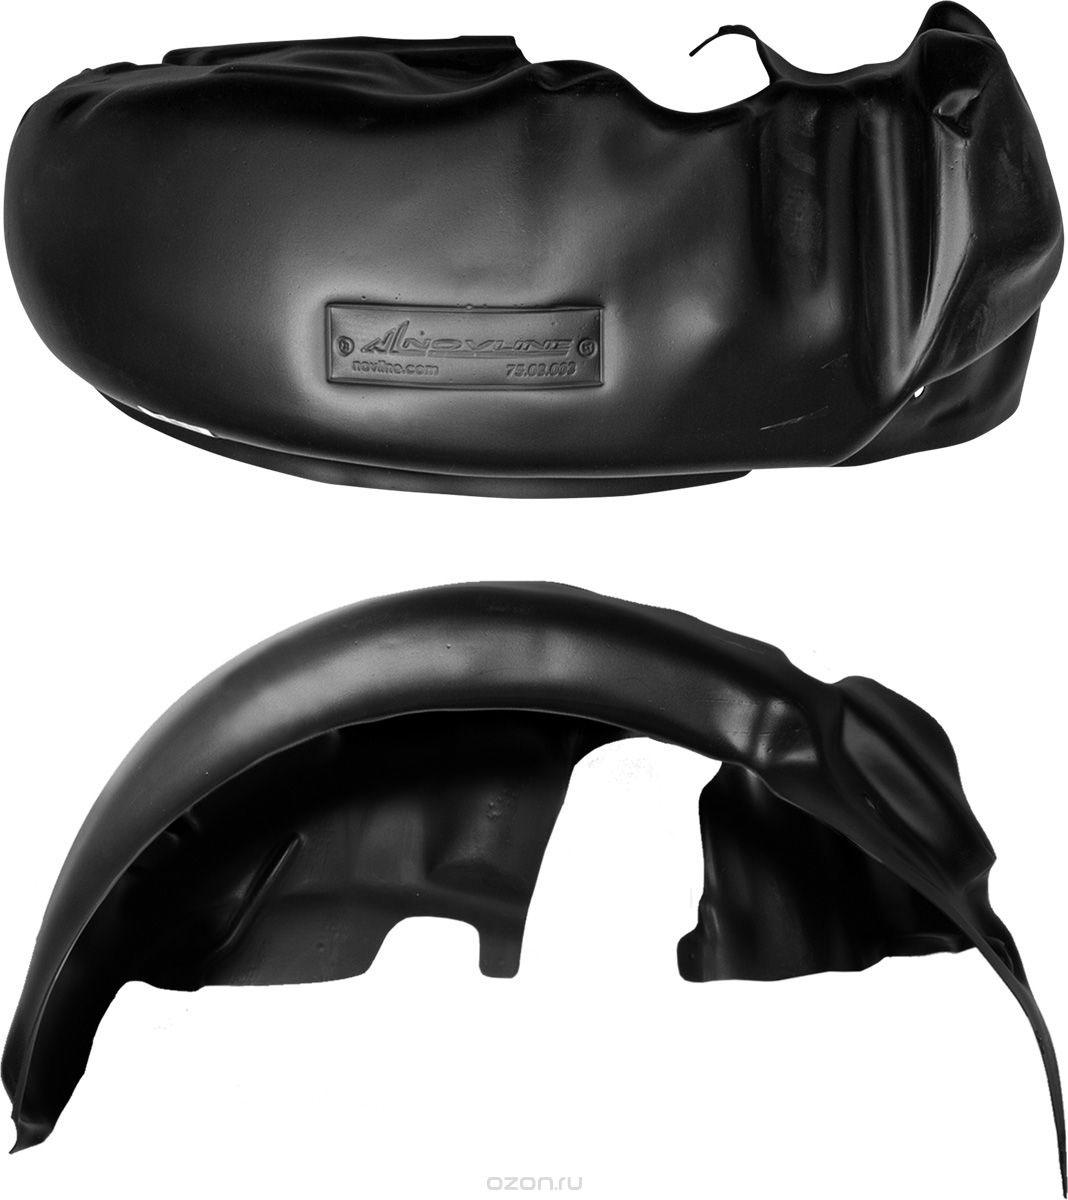 Подкрылок Novline-Autofamily, для GEELY GC6, 2014->, задний левыйNLL.75.08.003Идеальная защита колесной ниши. Локеры разработаны с применением цифровых технологий, гарантируют максимальную повторяемость поверхности арки. Изделия устанавливаются без нарушения лакокрасочного покрытия автомобиля, каждый подкрылок комплектуется крепежом. Уважаемые клиенты, обращаем ваше внимание, что фотографии на подкрылки универсальные и не отражают реальную форму изделия. При этом само изделие идет точно под размер указанного автомобиля.